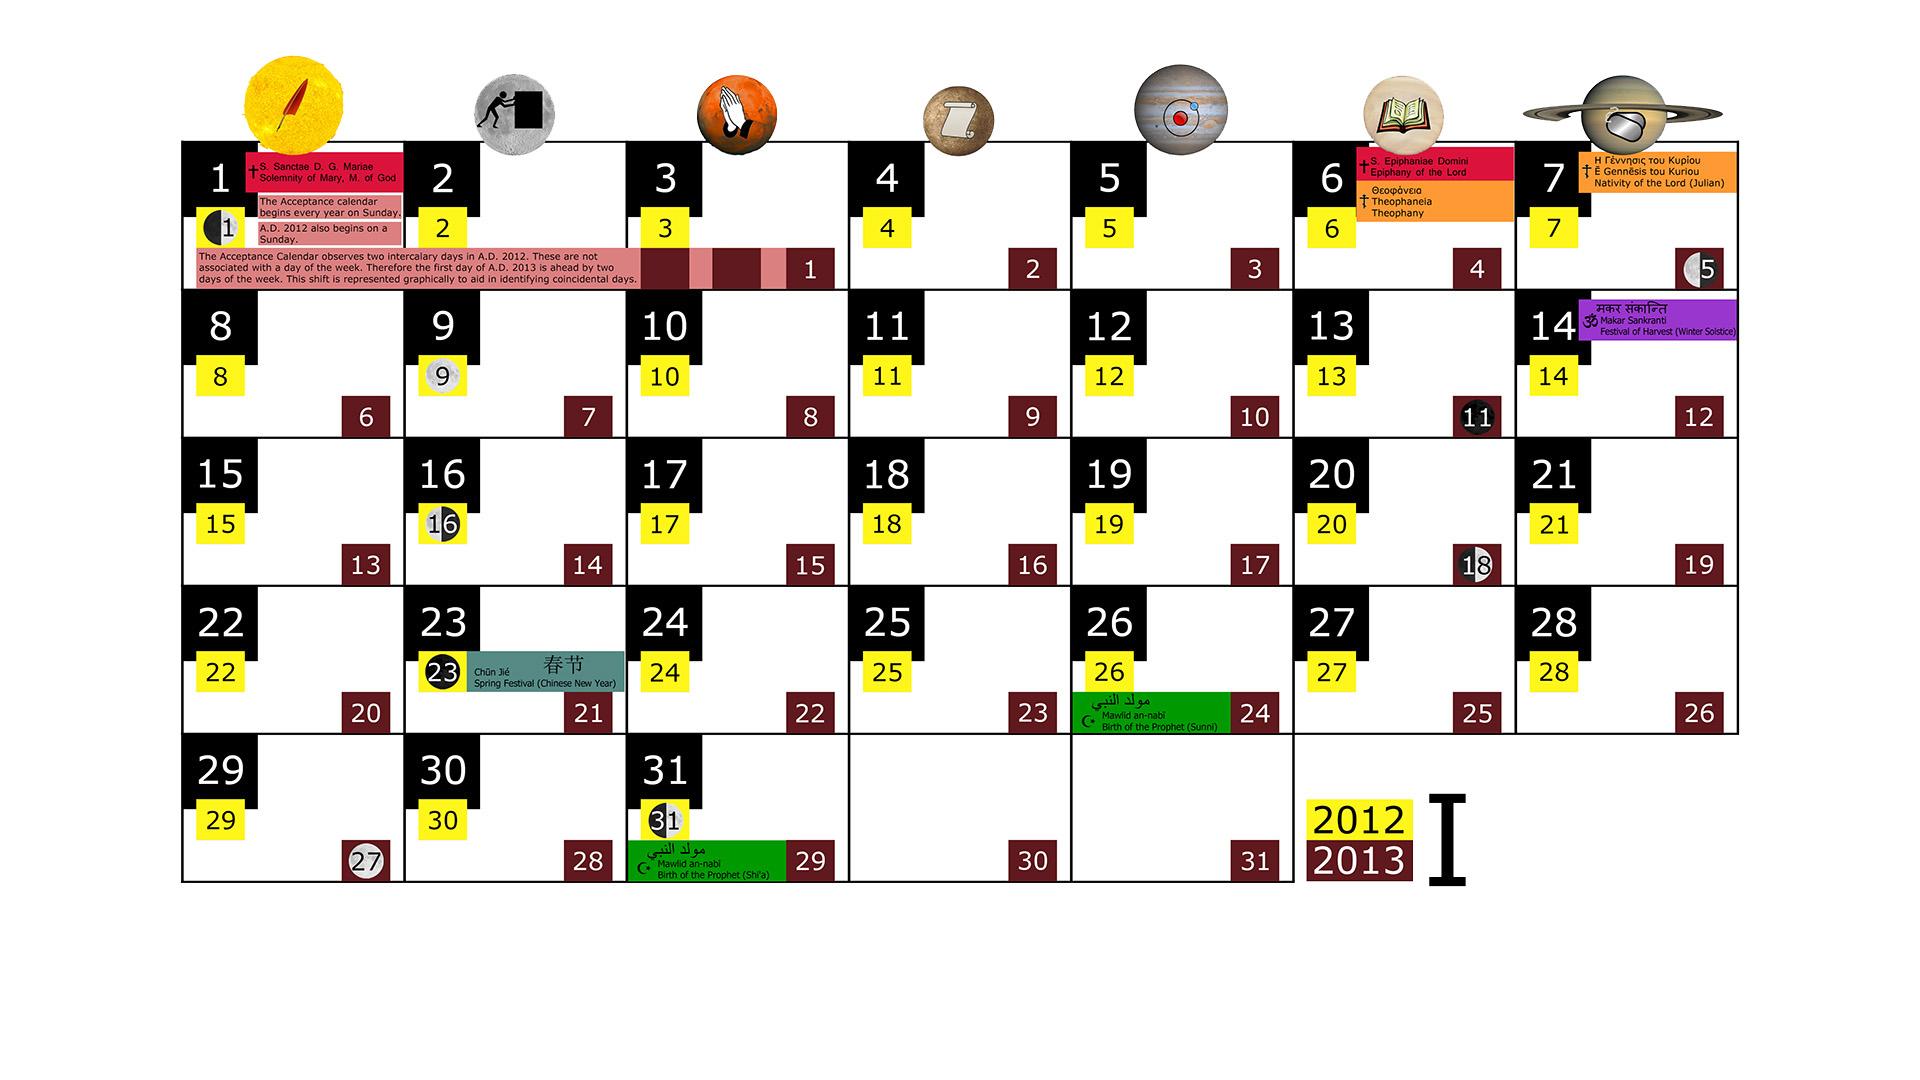 Miesięczny kalendarz świąt na styczeń 2012 and 2013 na białym tle